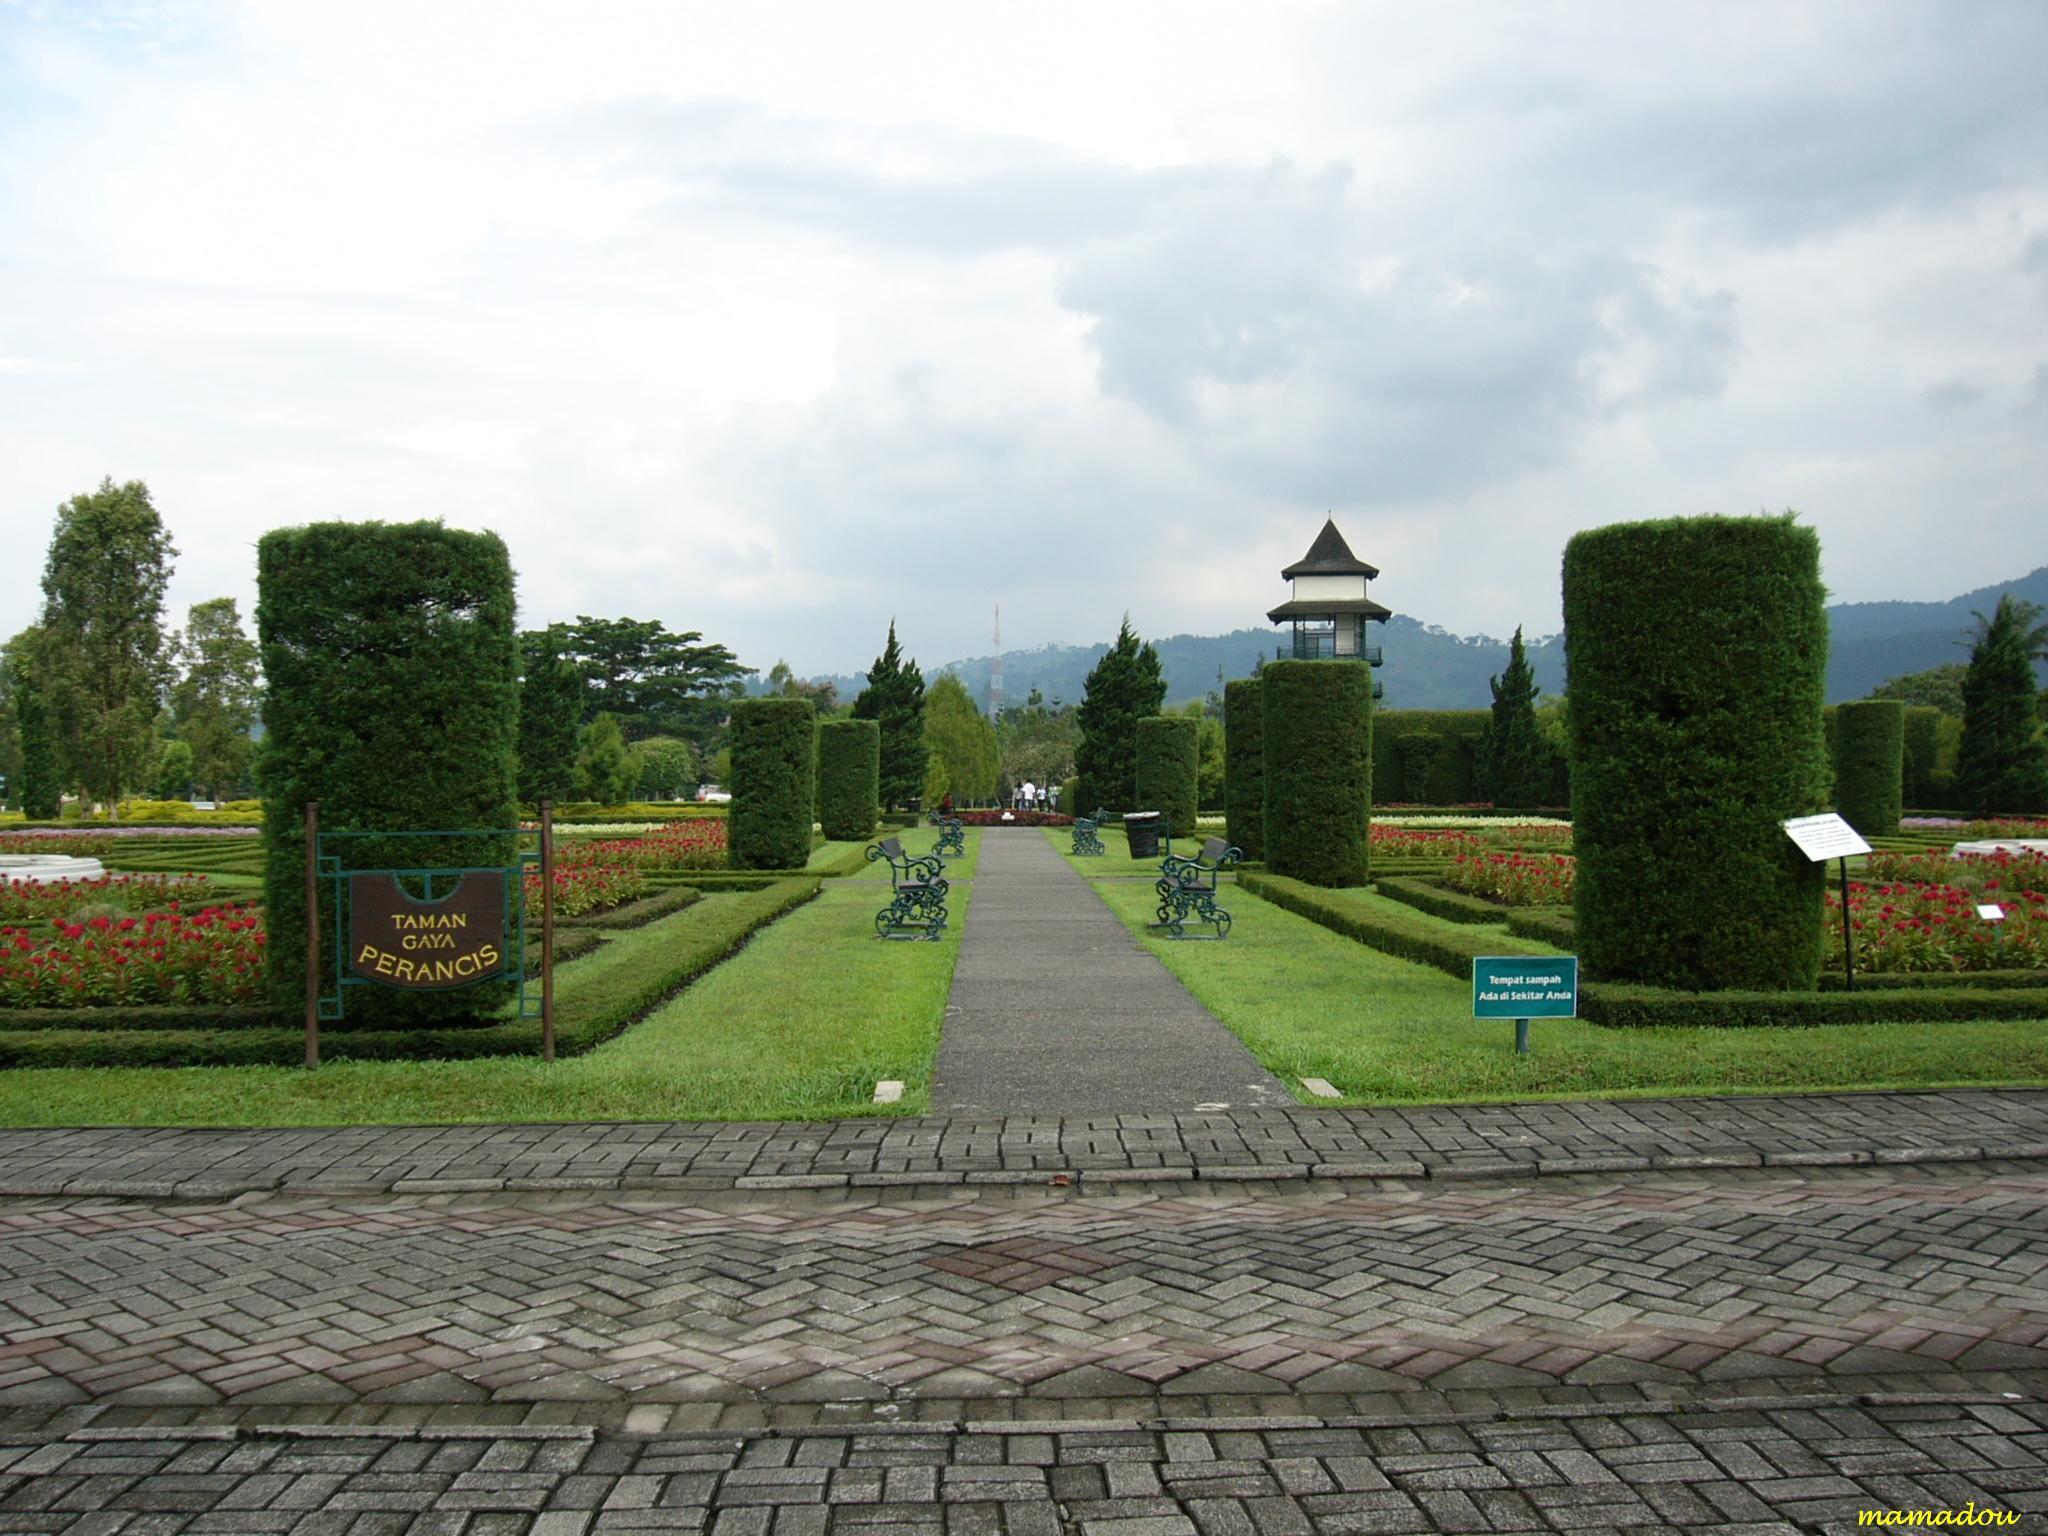 Taman Bunga Nusantara (Flower Garden), Cipanas - West Java